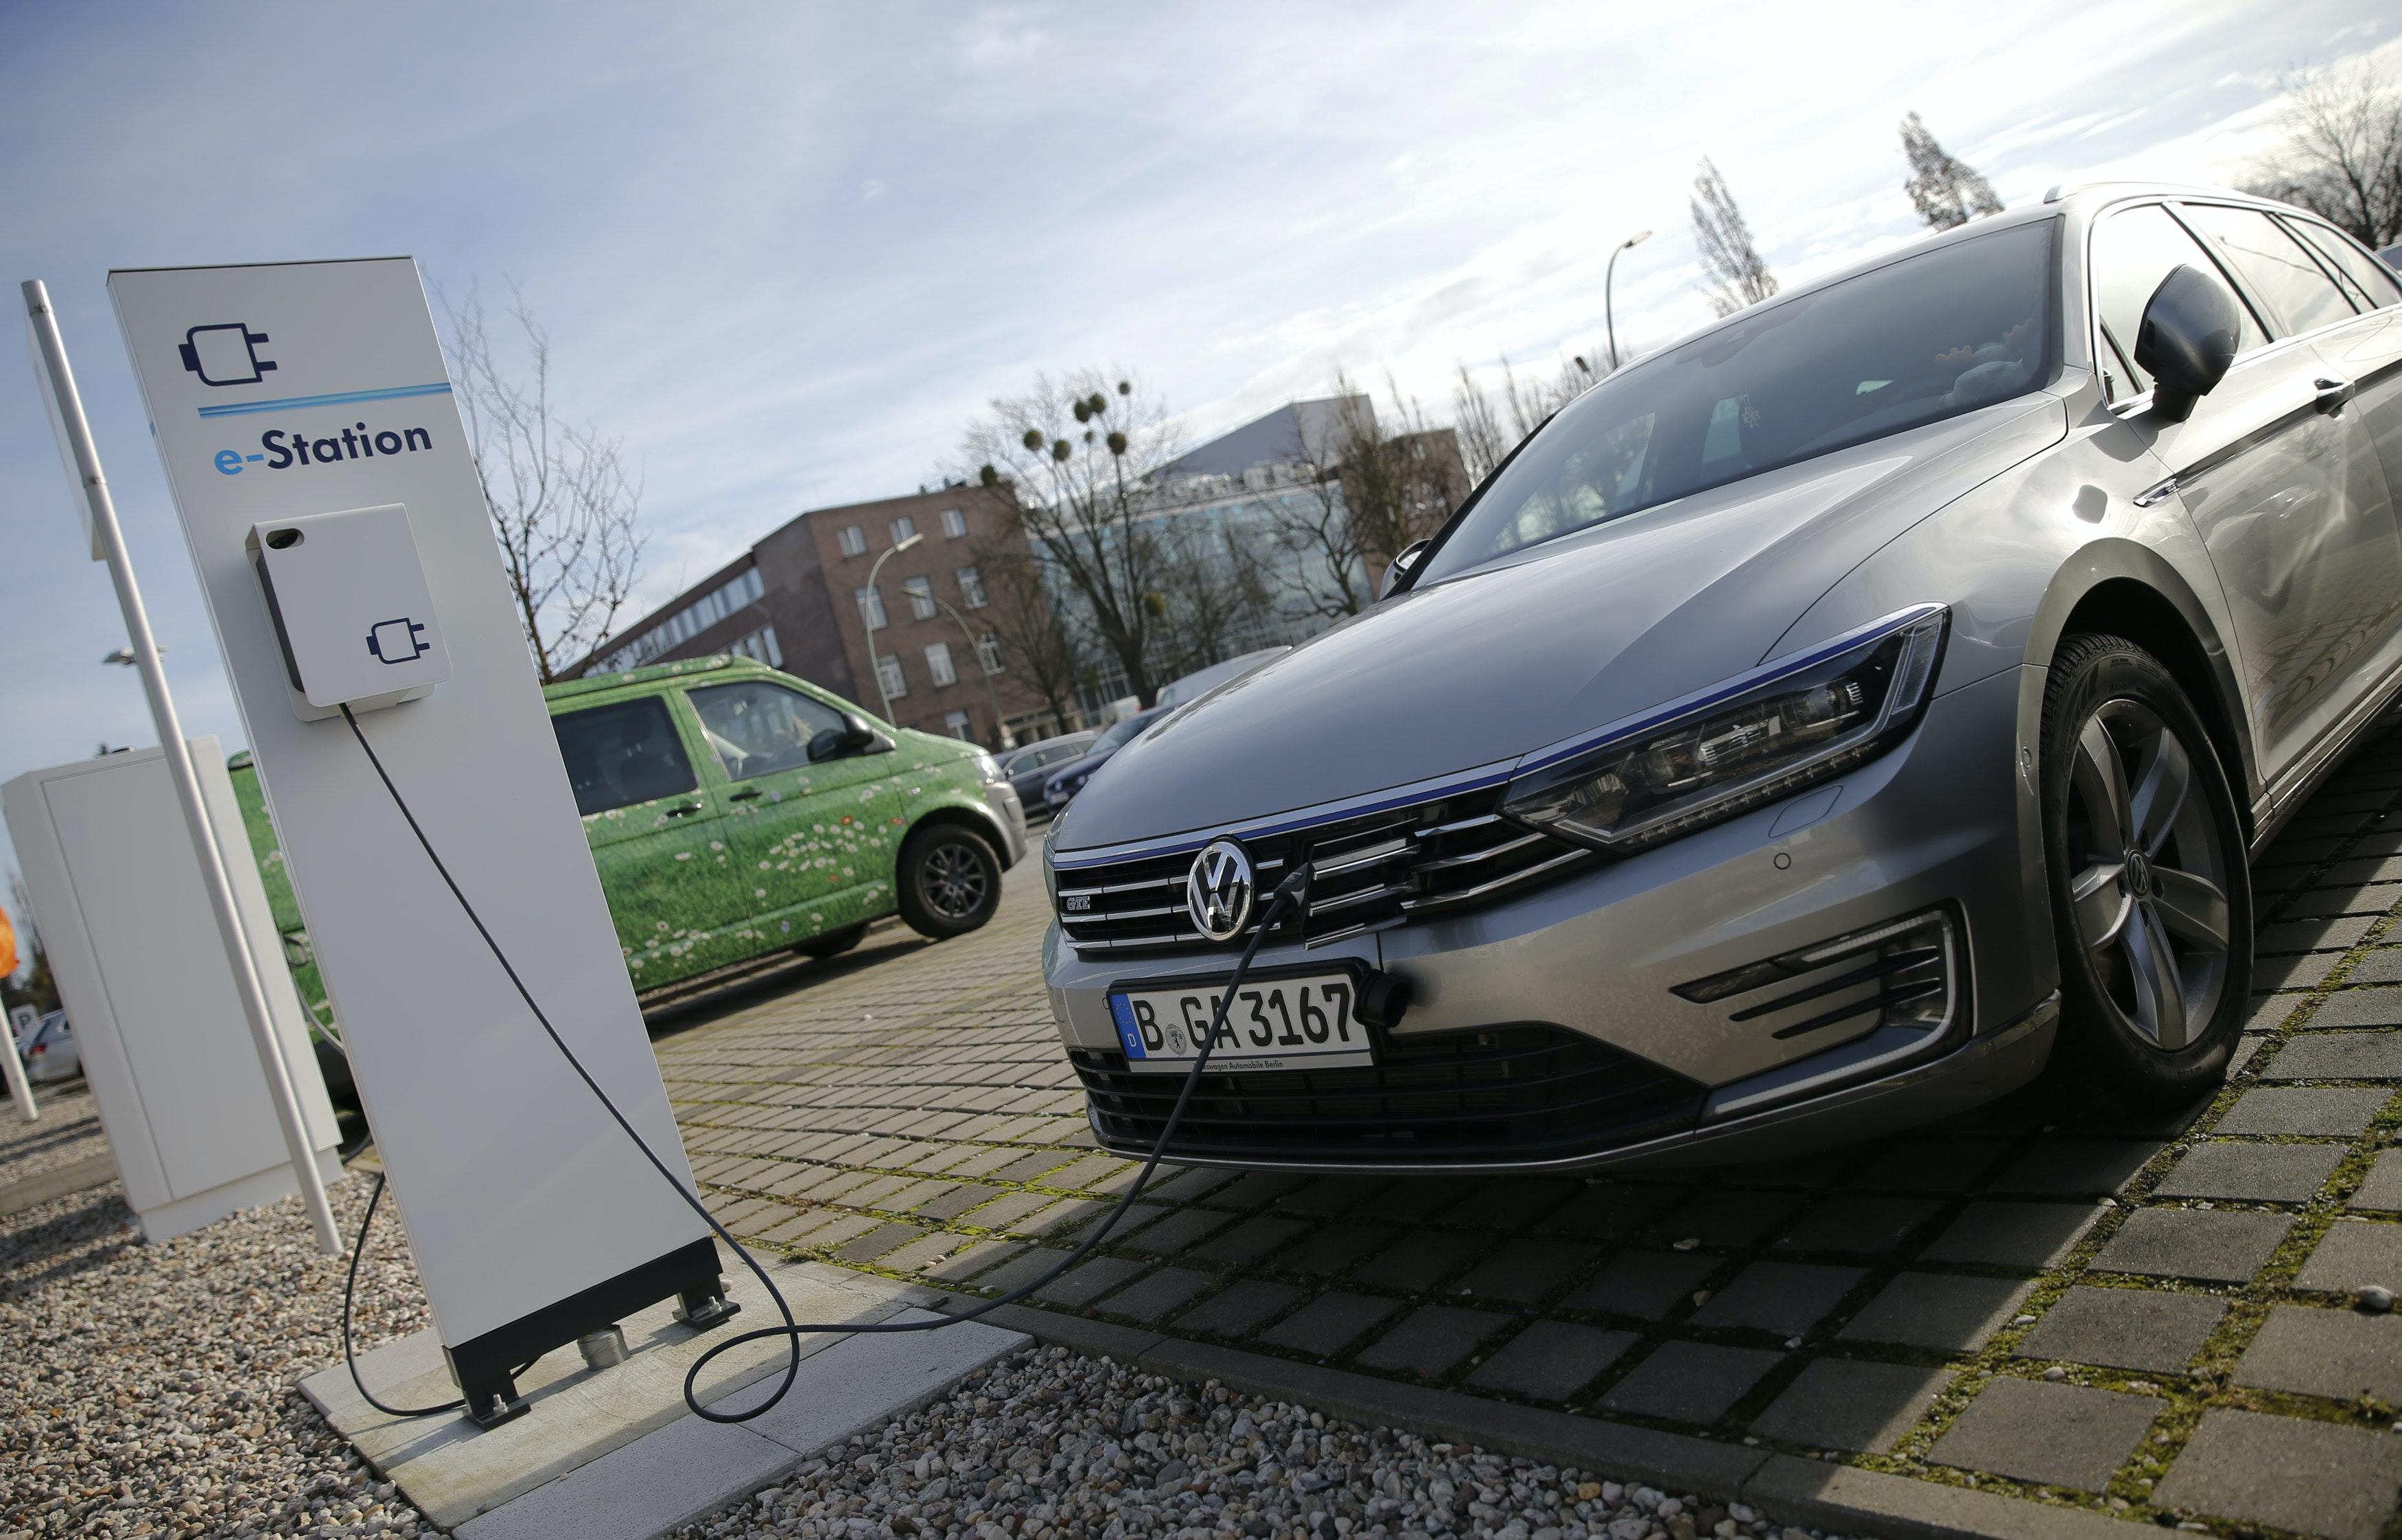 Duitsers Krijgen 4000 Korting Bij Koop Elektrische Auto